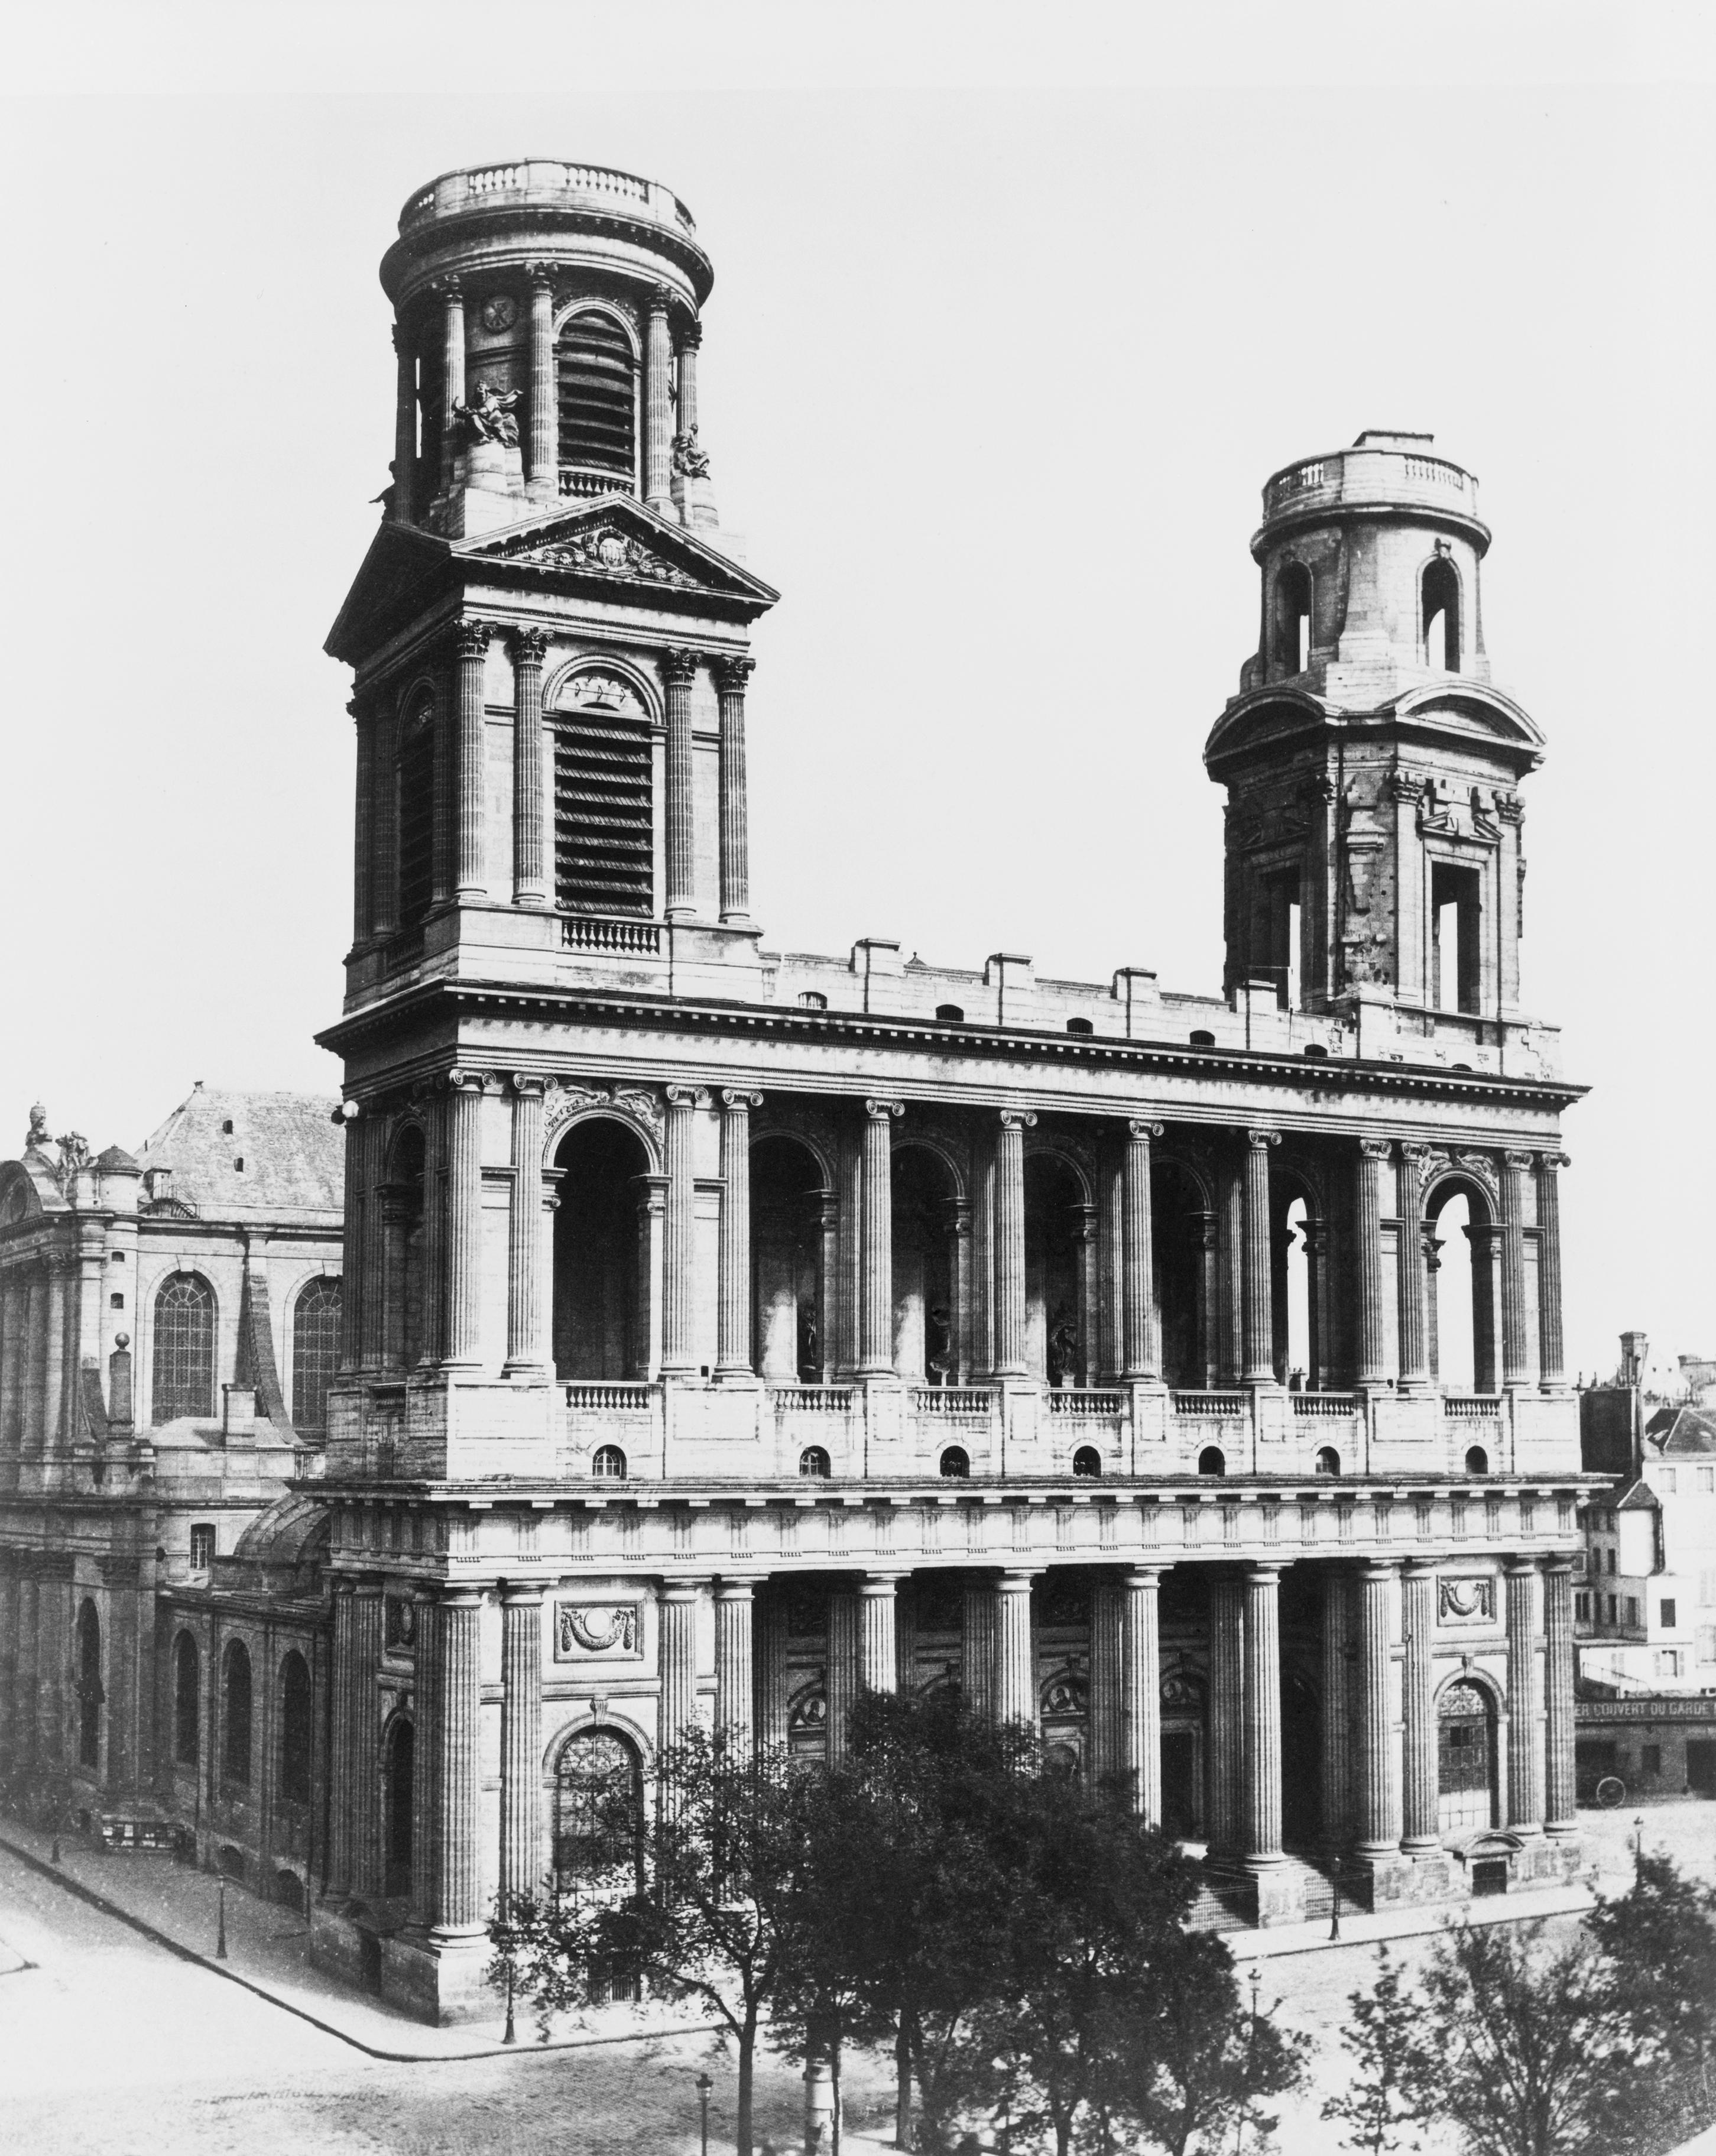 Église Saint-Sulpice vers 1851-1870 (photographie d'Édouard Baldus).